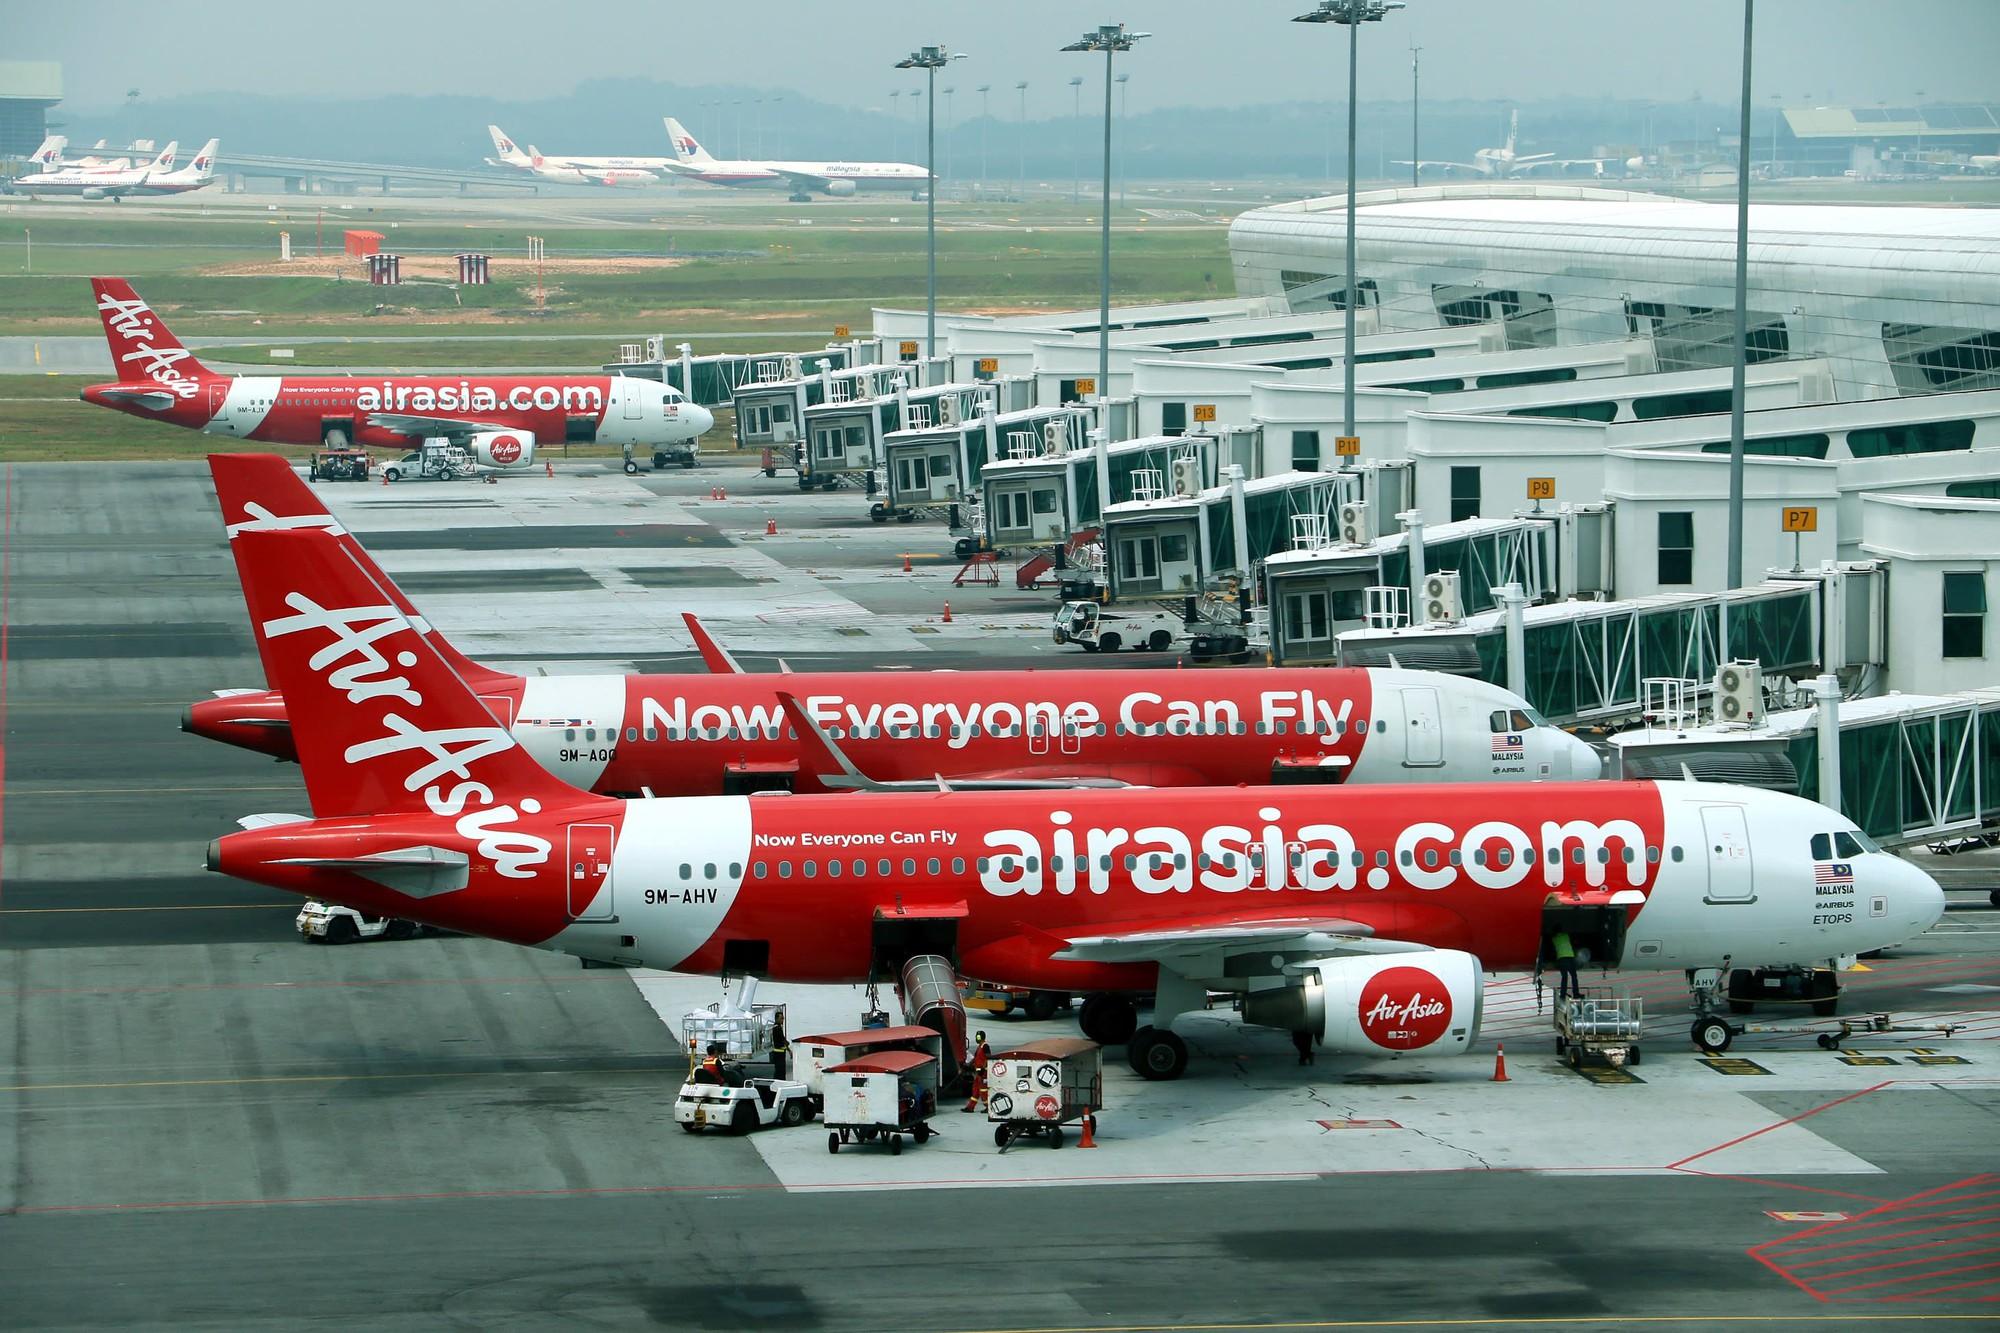 AirAsia chấm dứt liên doanh hàng không với Thiên Minh Group sau 5 tháng - Ảnh 1.